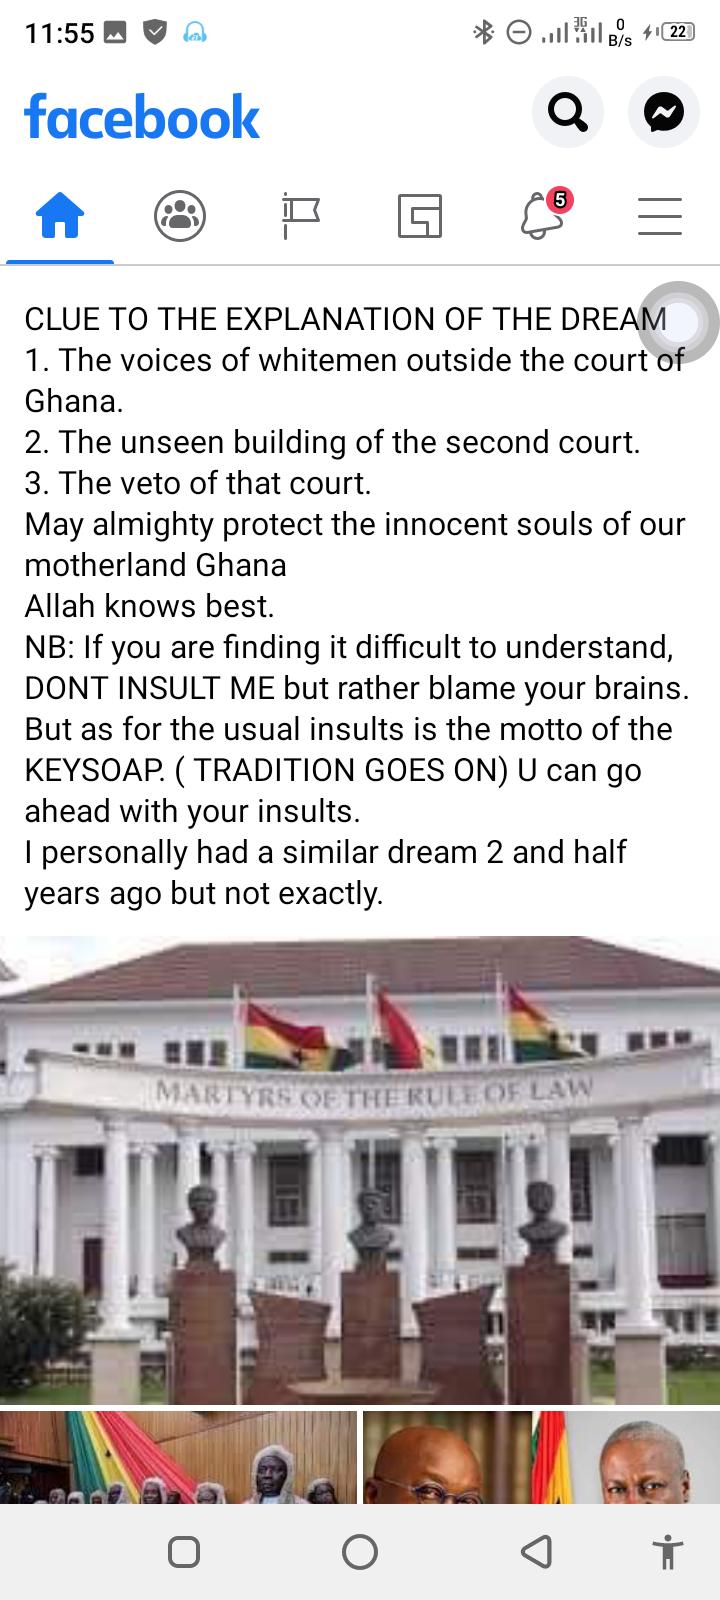 I Saw Mahama Lost The Court Case But Something Strange Happened- Islamic Cleric 4